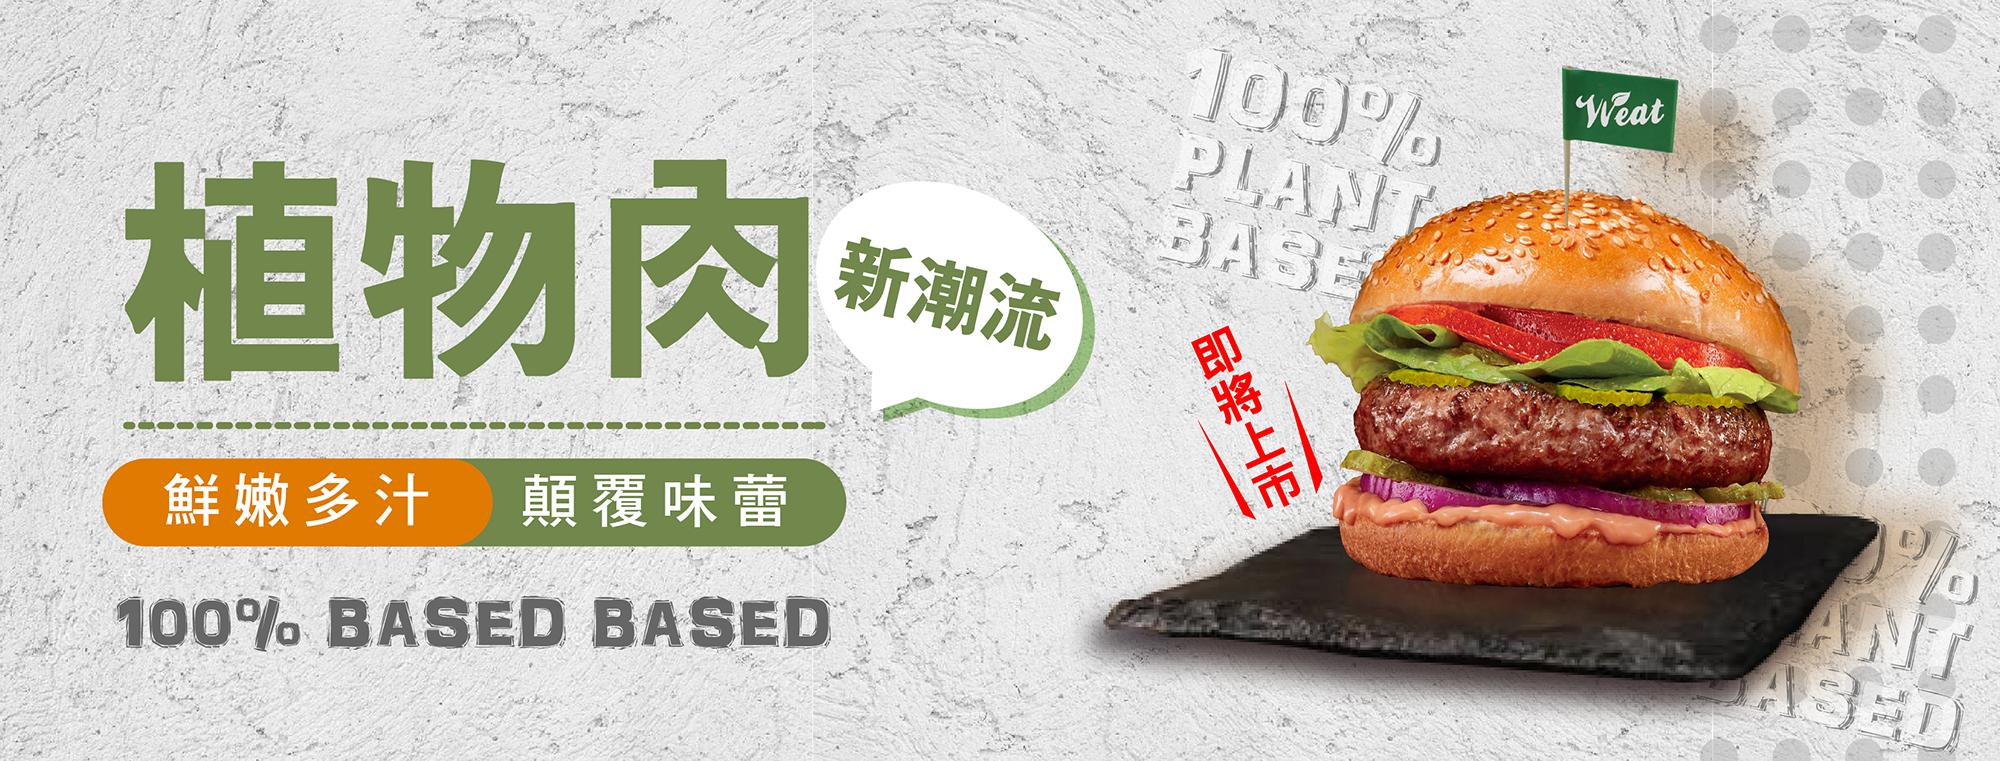 植物肉,漢堡肉,未來肉